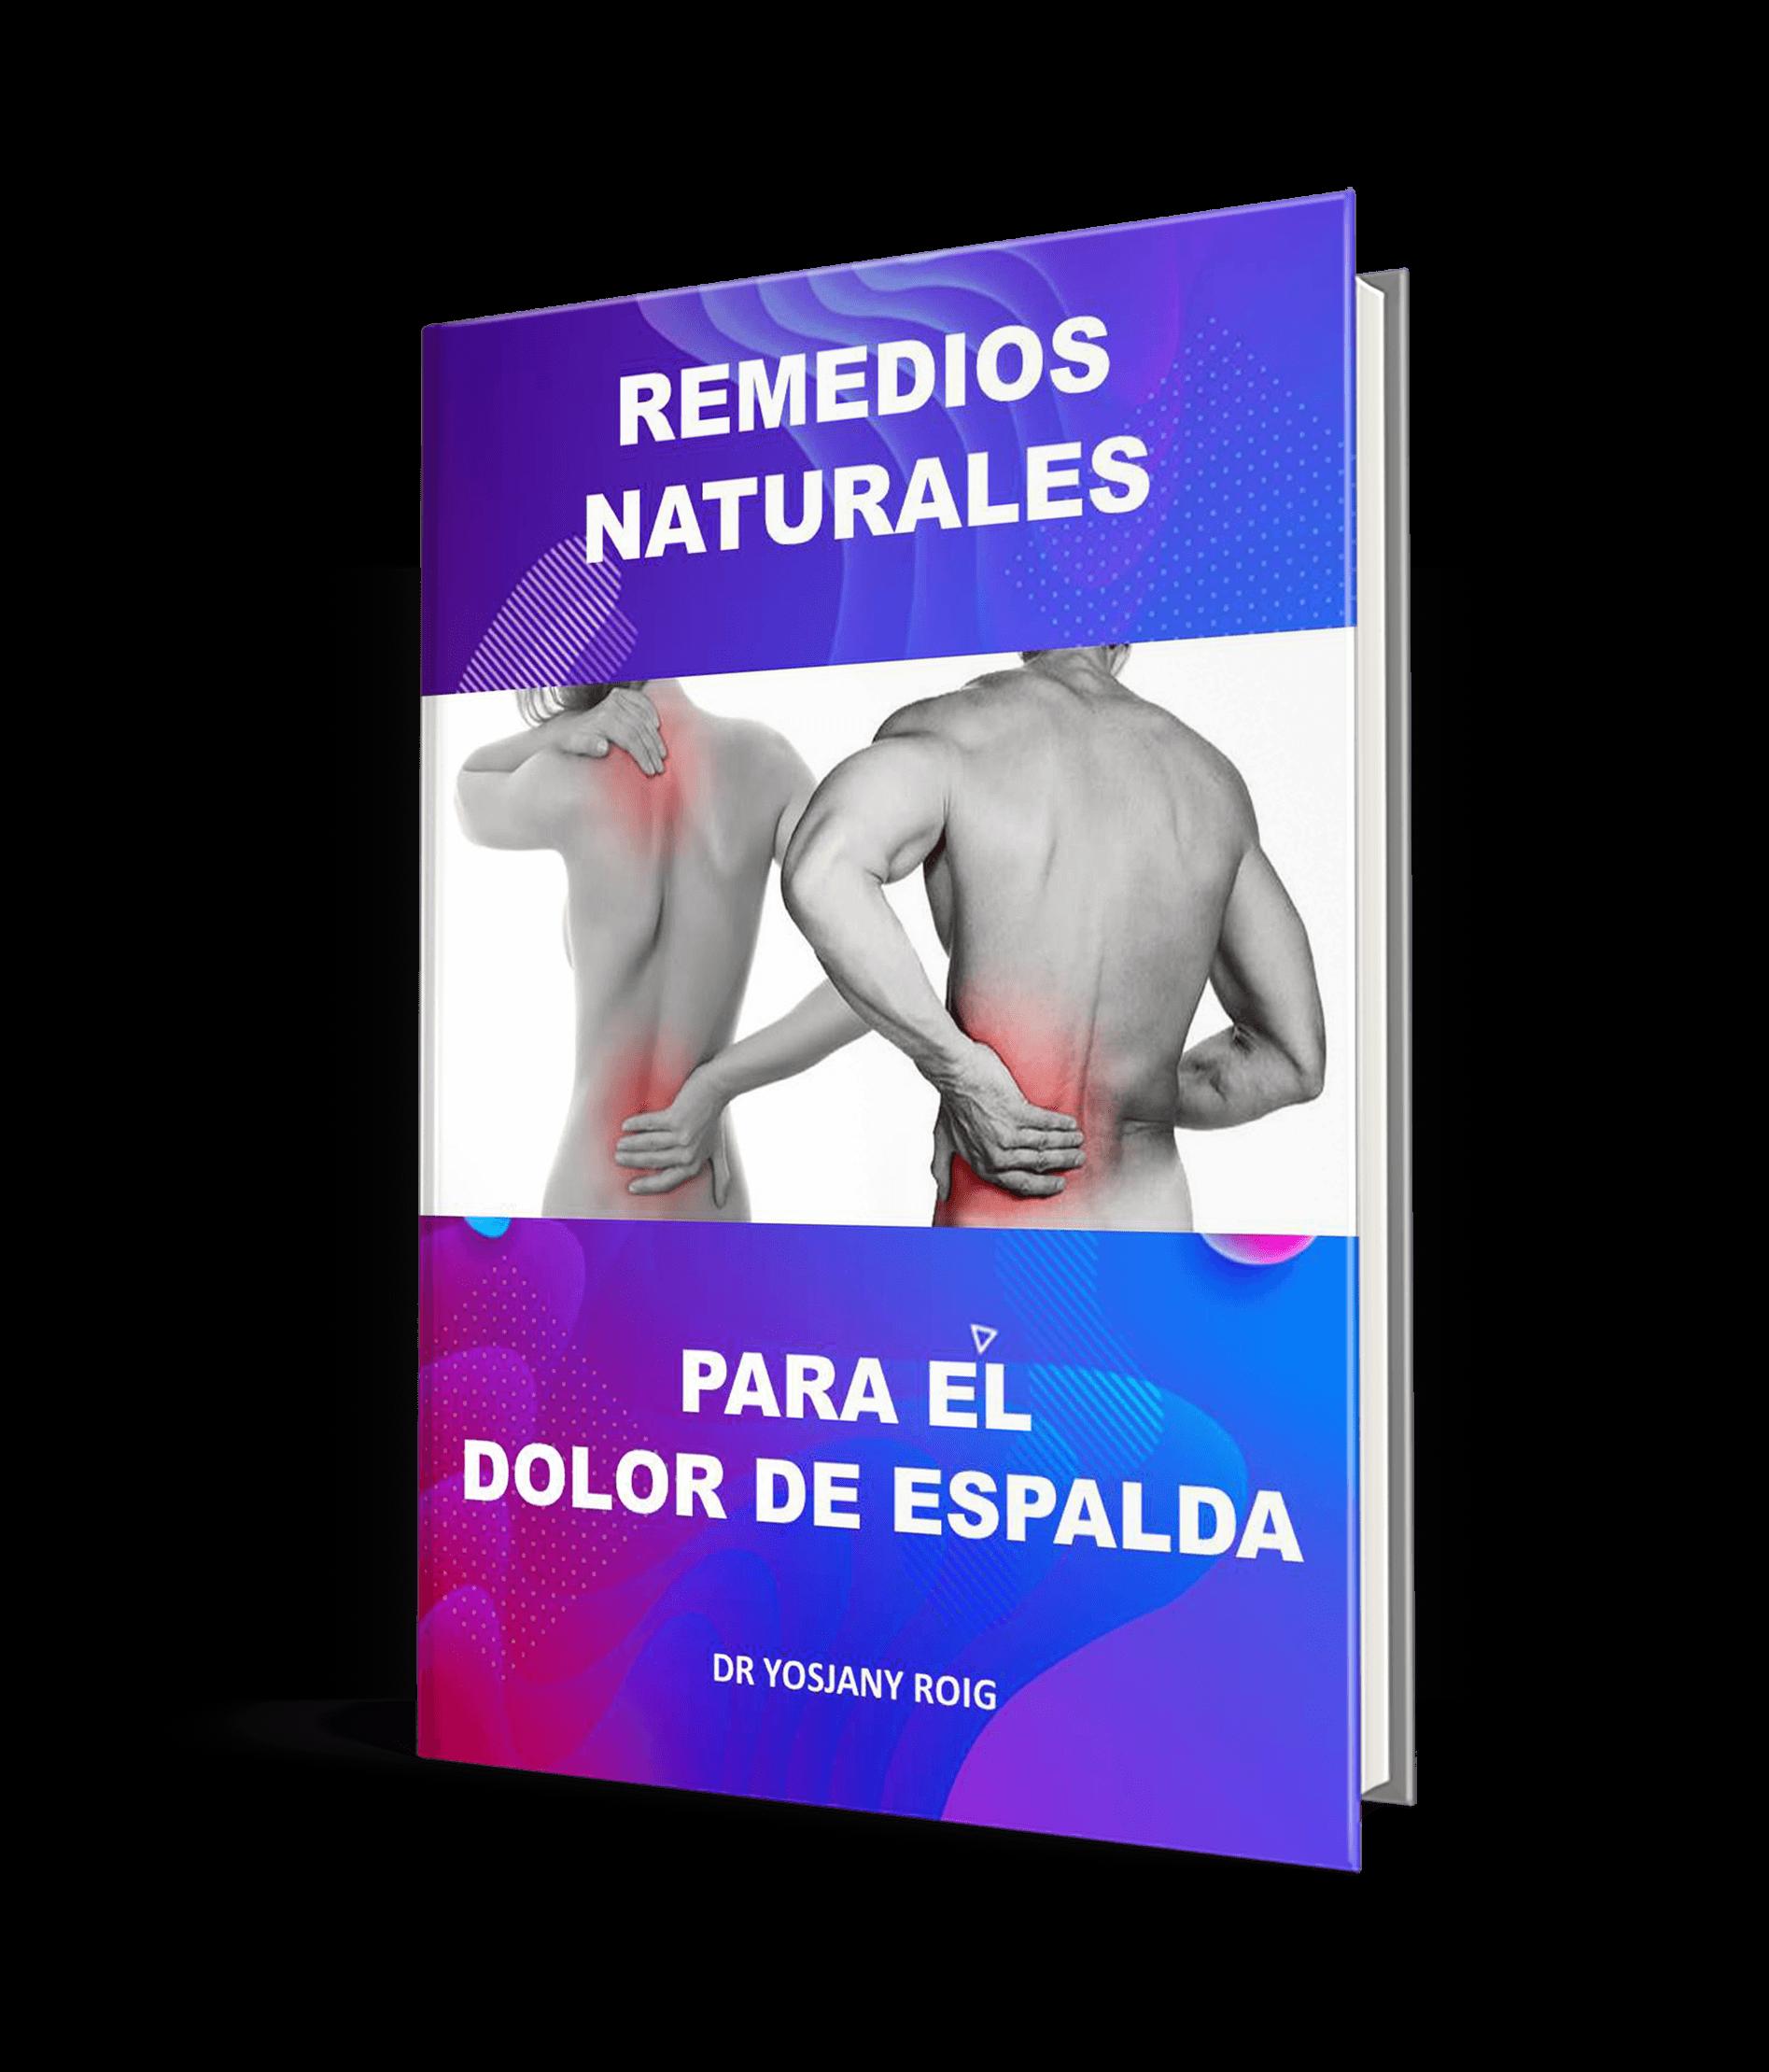 Remedios naturales para el dolor de espalda bono adiós insomnio